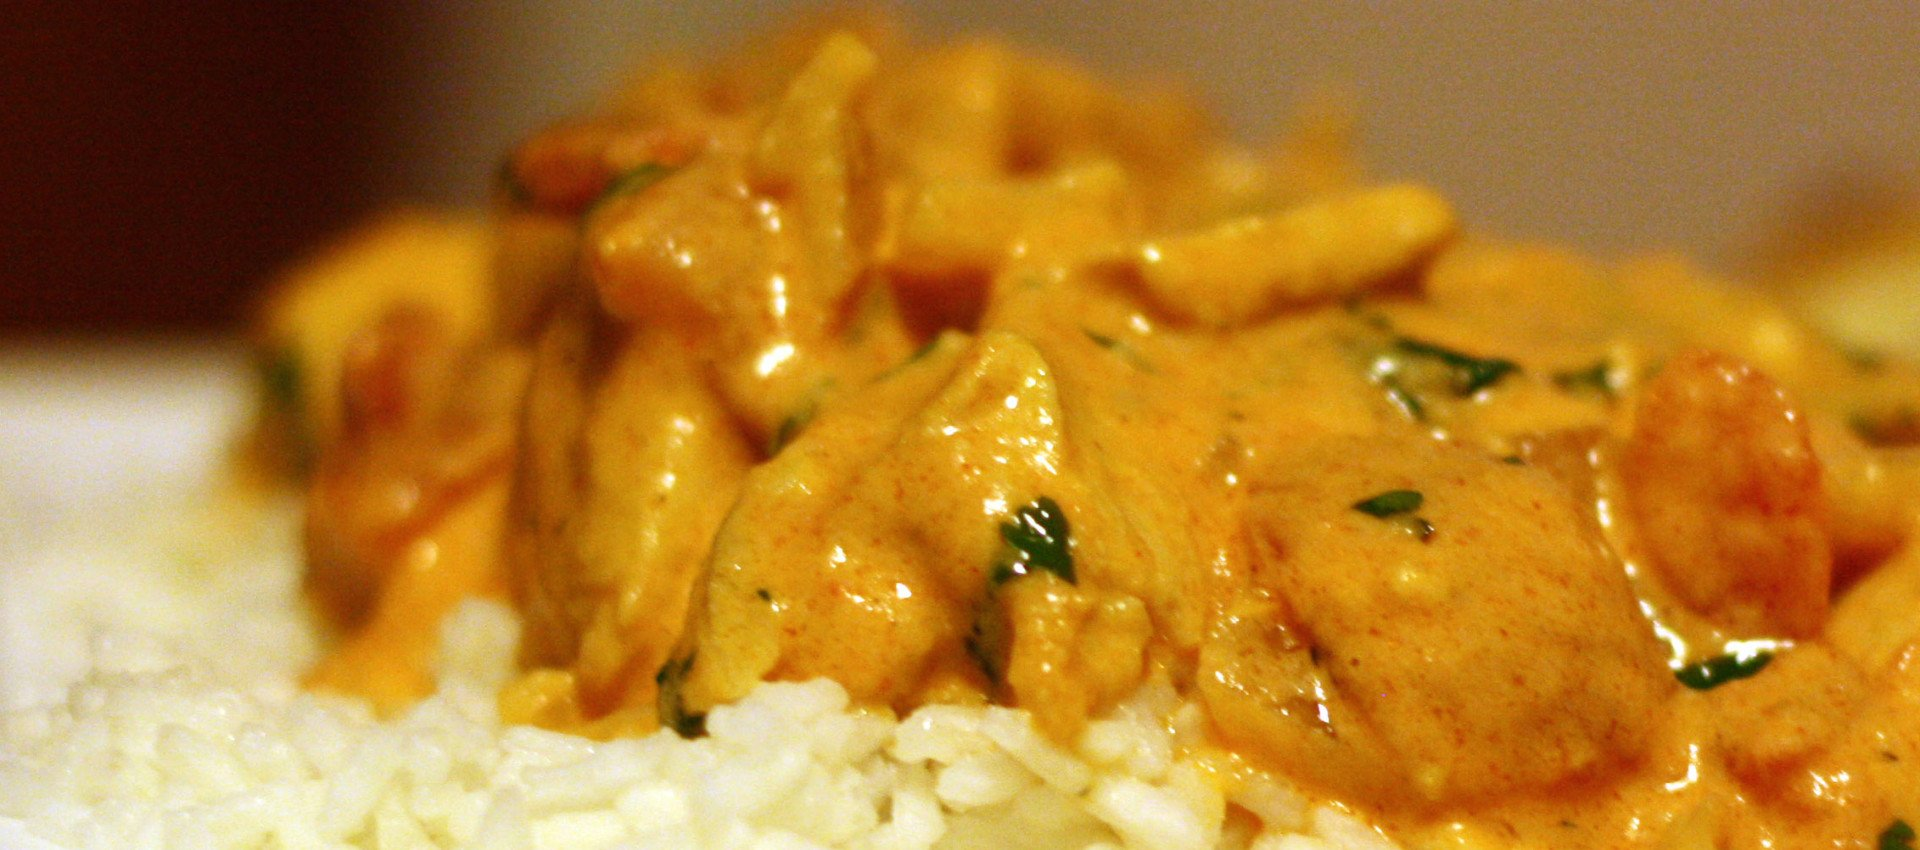 Recette aiguillettes de poulet sauce munster au cookeo cookeo mania - Cuisiner le poulet en sauce ...